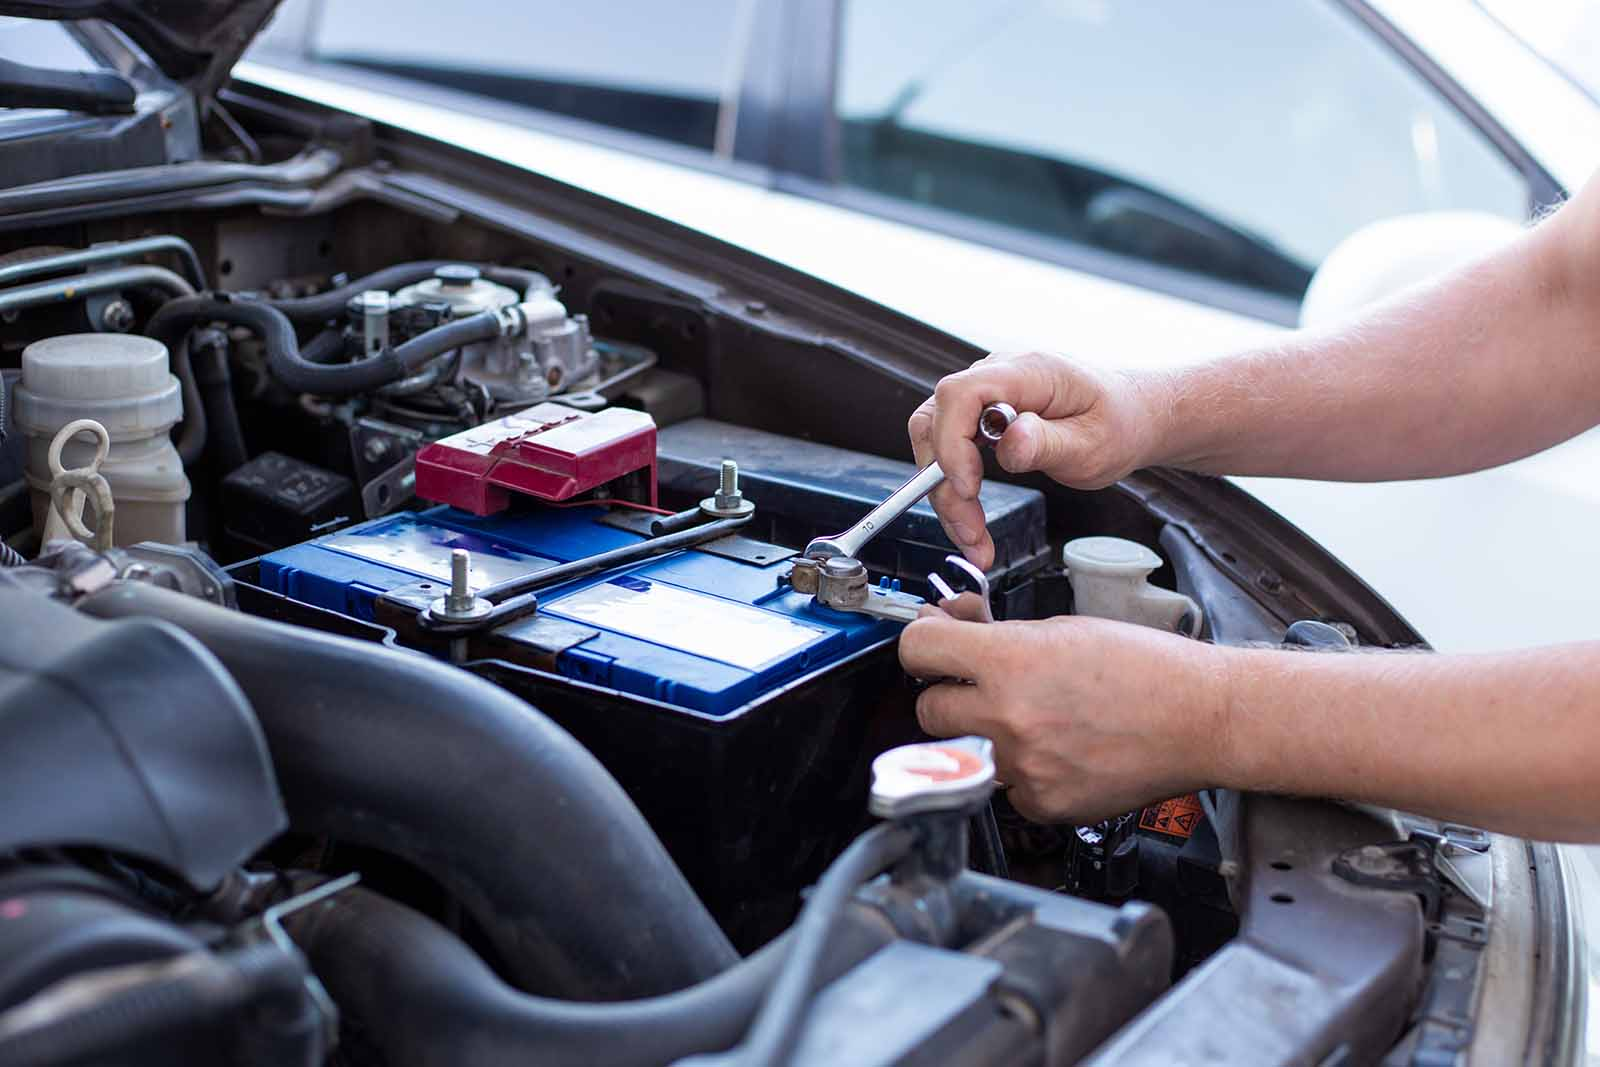 Kontakta oss, en bilskrot i Västerås som även säljer bildelar. Kontakta vår bilskrot i Västerås.